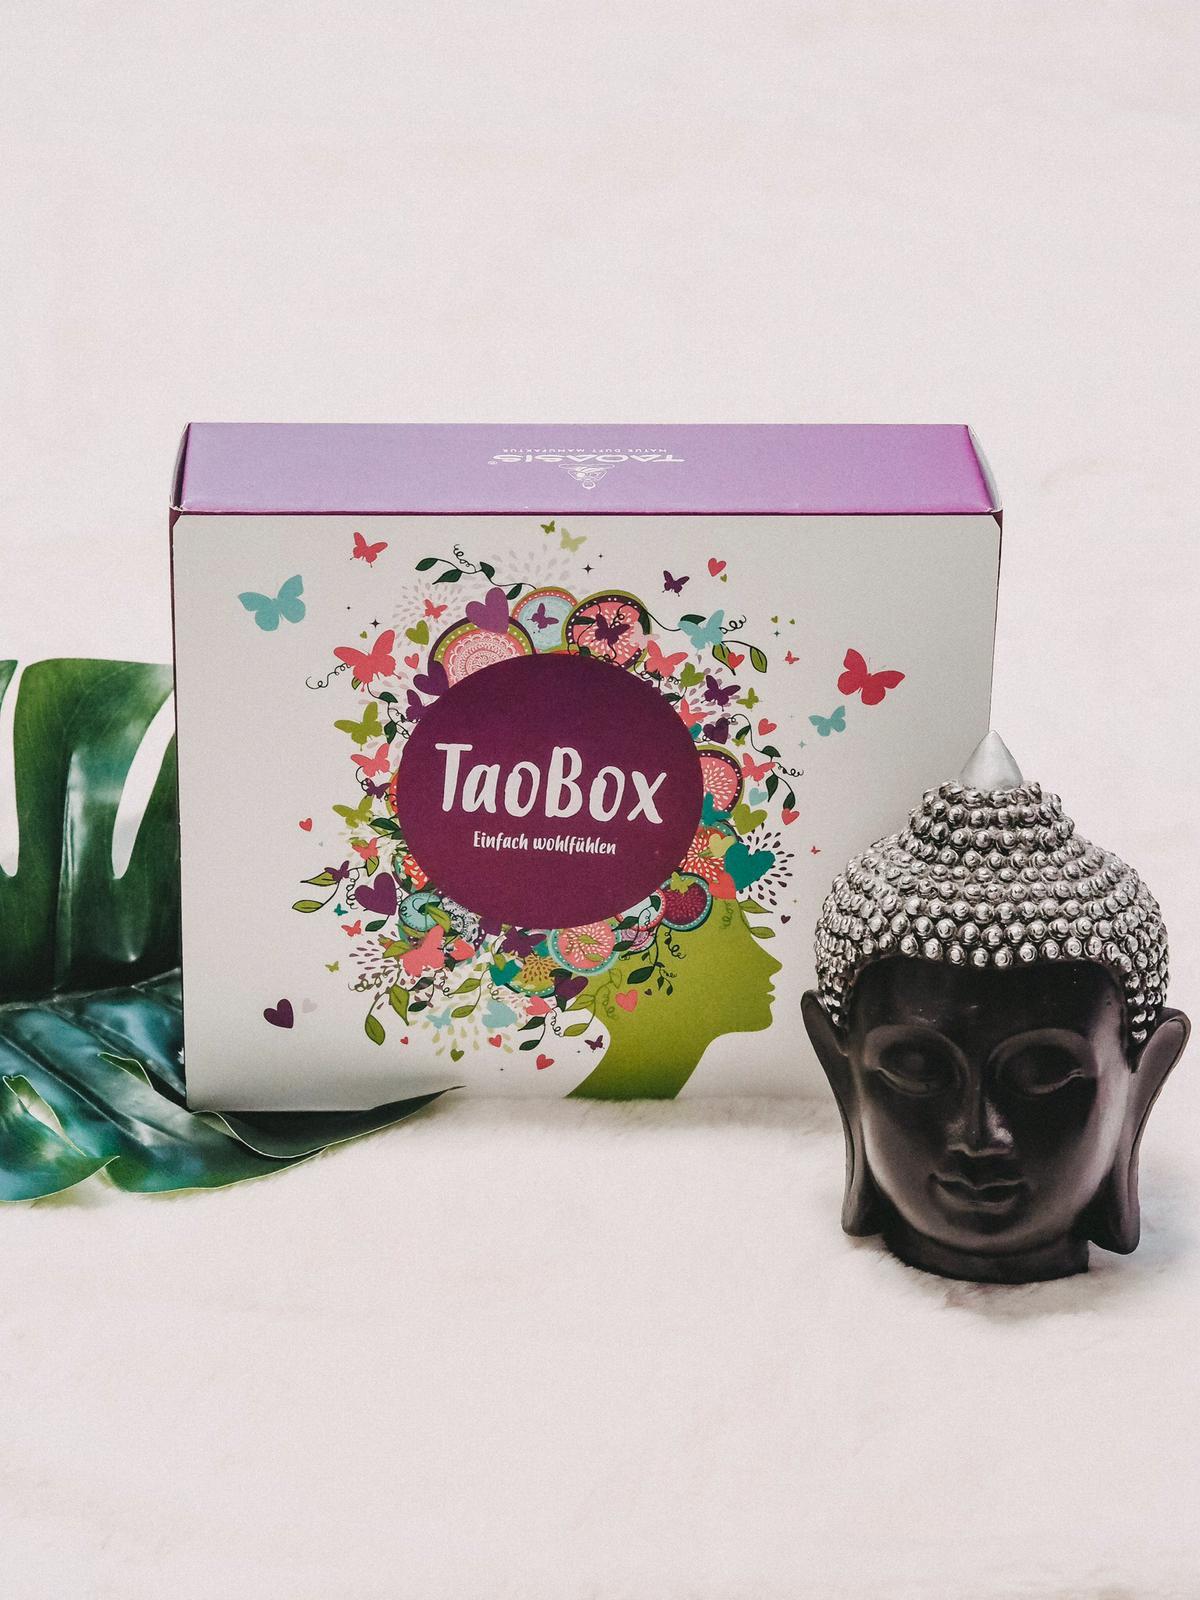 Alle zwei Monate wird vom Taoasis-Team die hochwertigen demeter- und bio-zertifizierten Produkte in der TaoBox für 29,00€ liebevoll neu zusammengestellt.